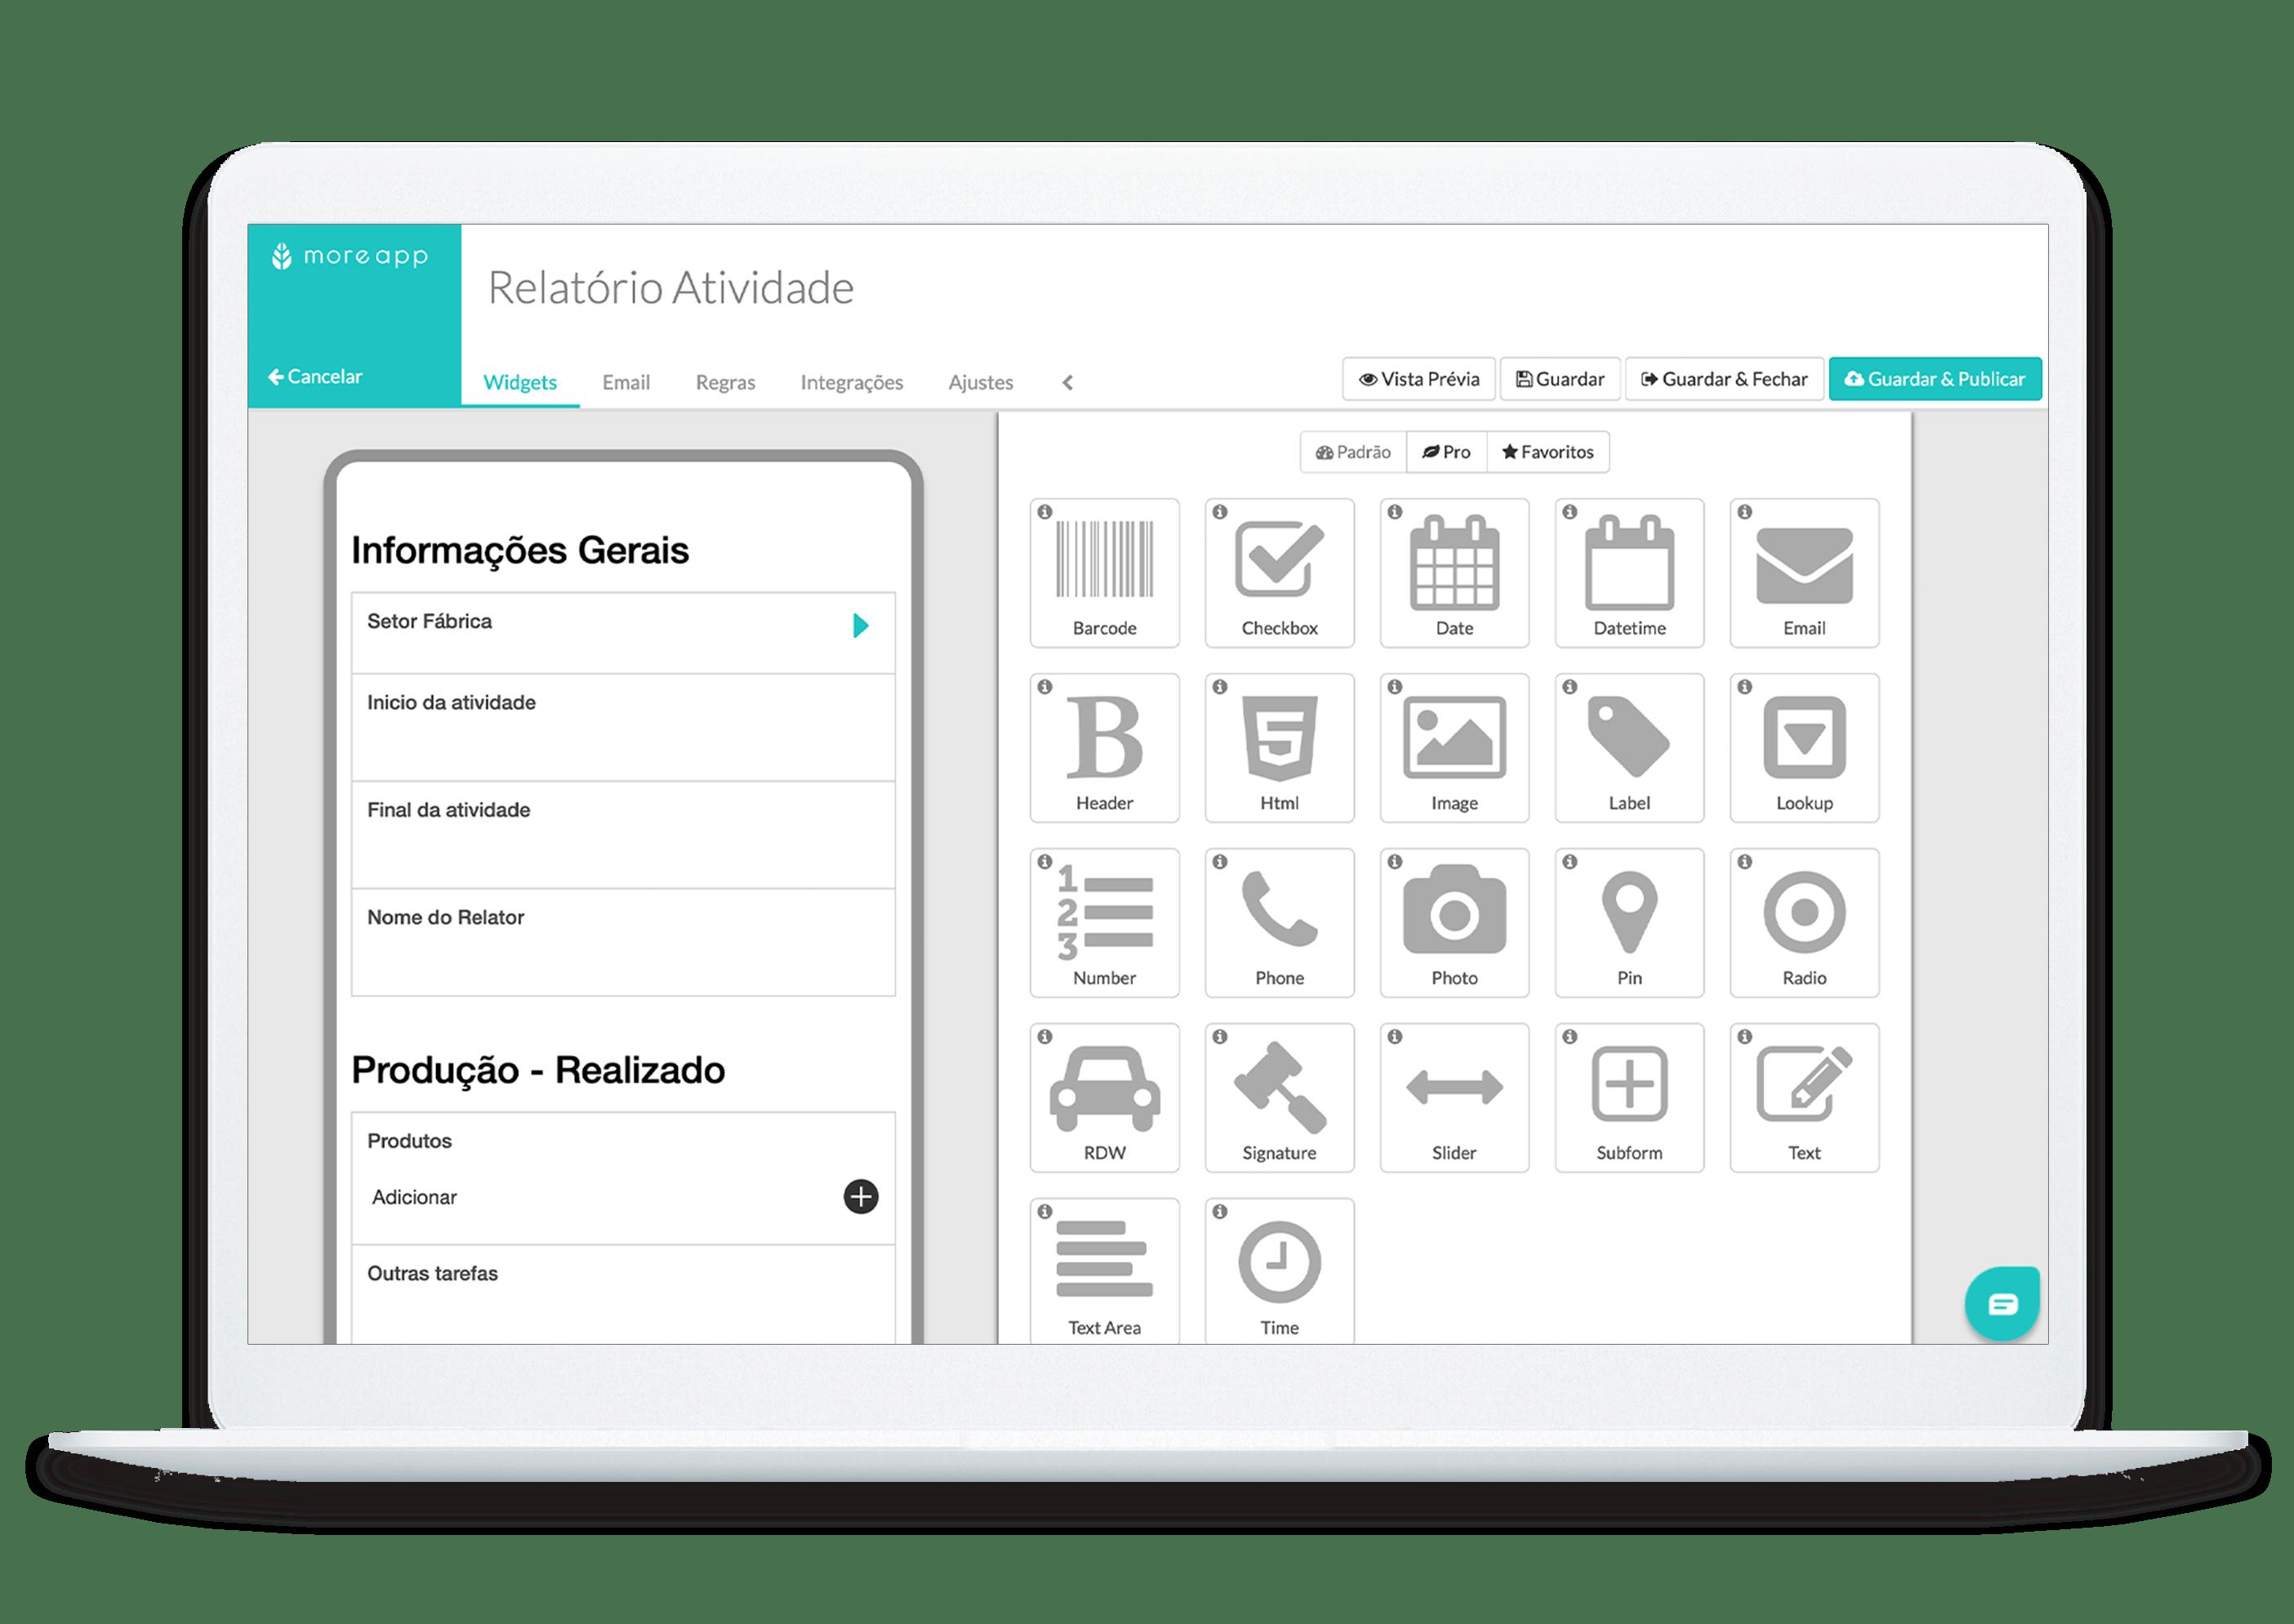 MoreApp Formulários Aplicação de Relatório de Atividade